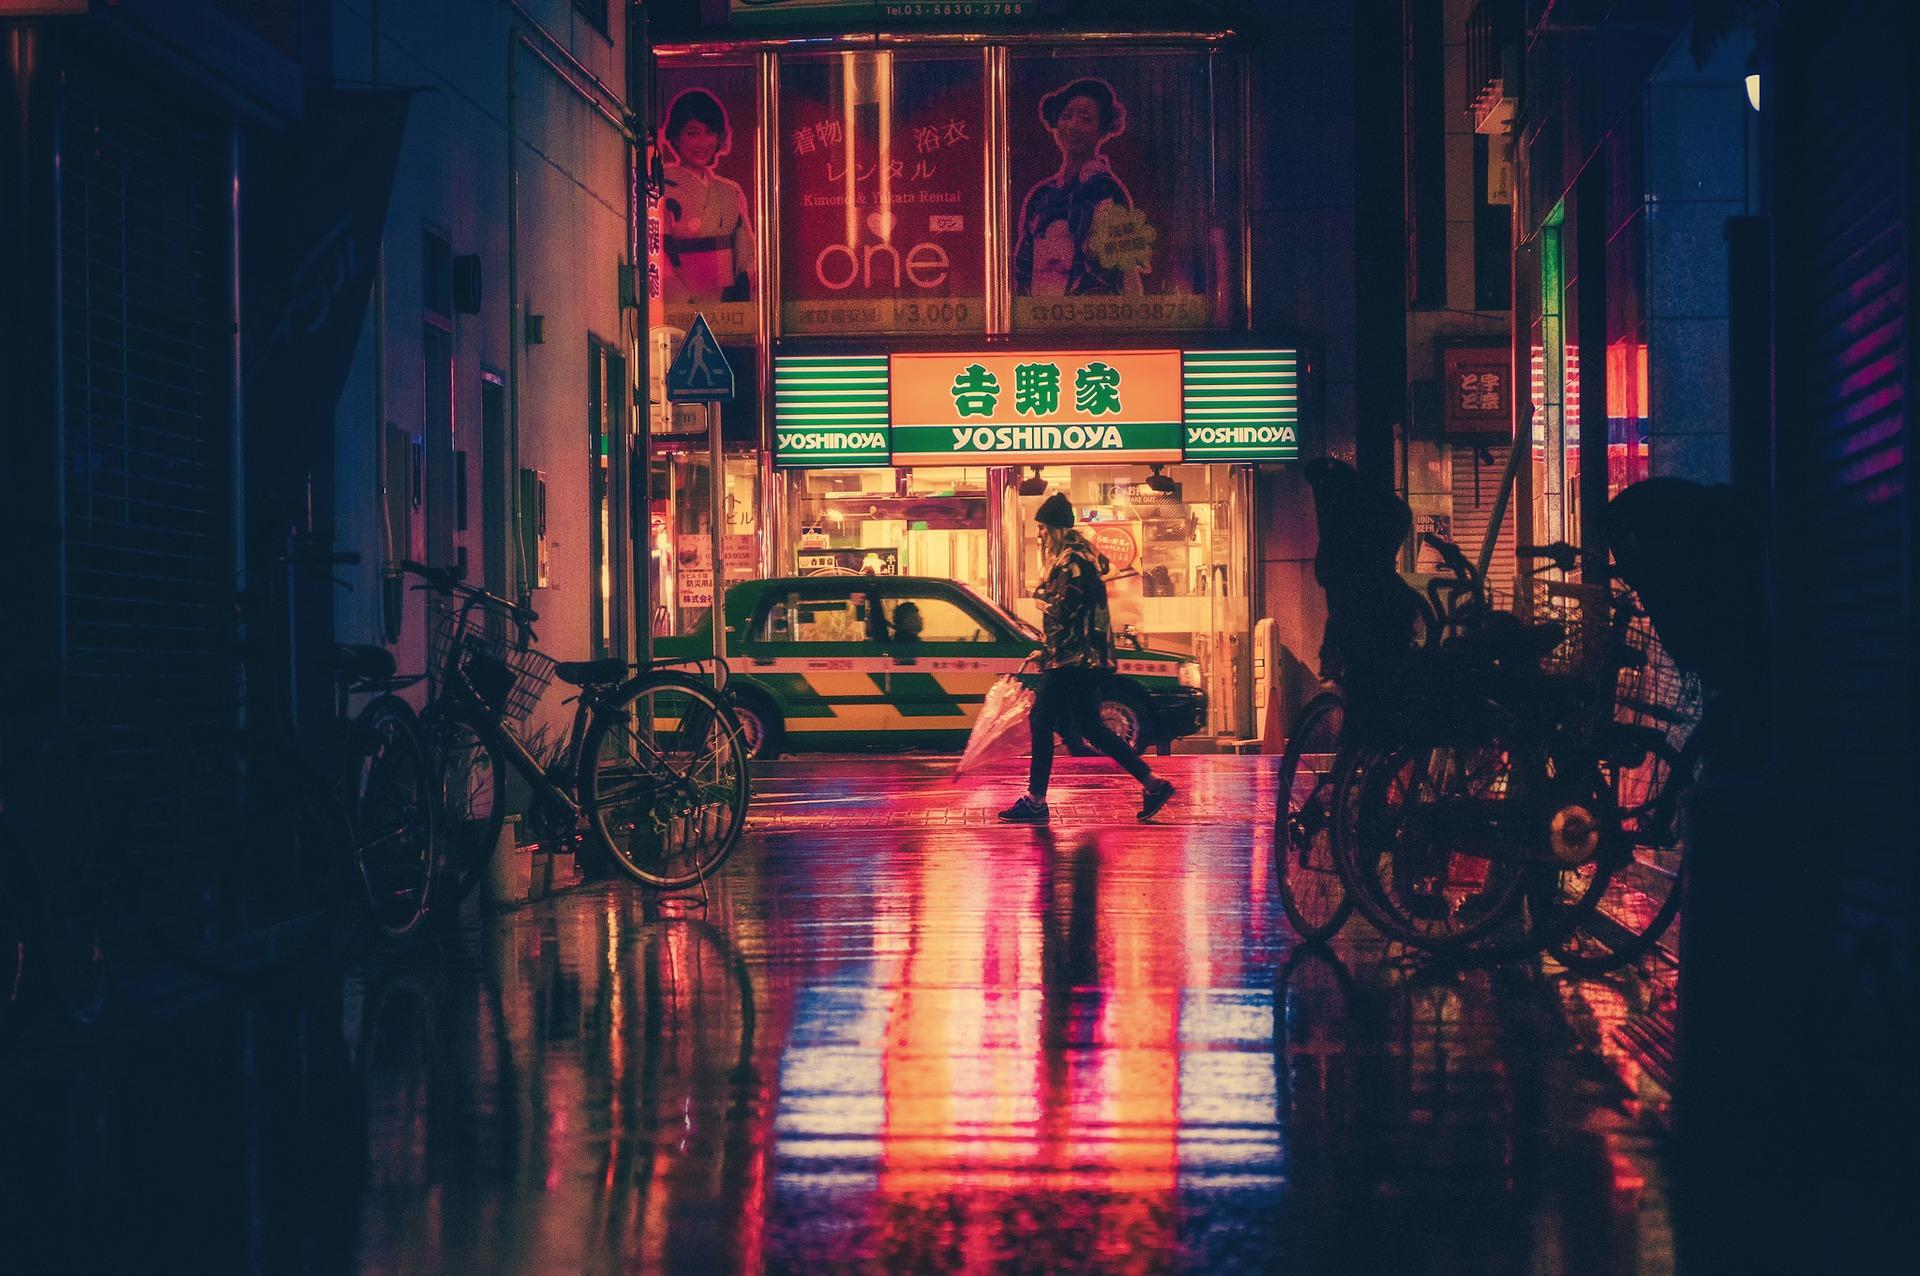 日本, 良い, 悪い, 一時帰国